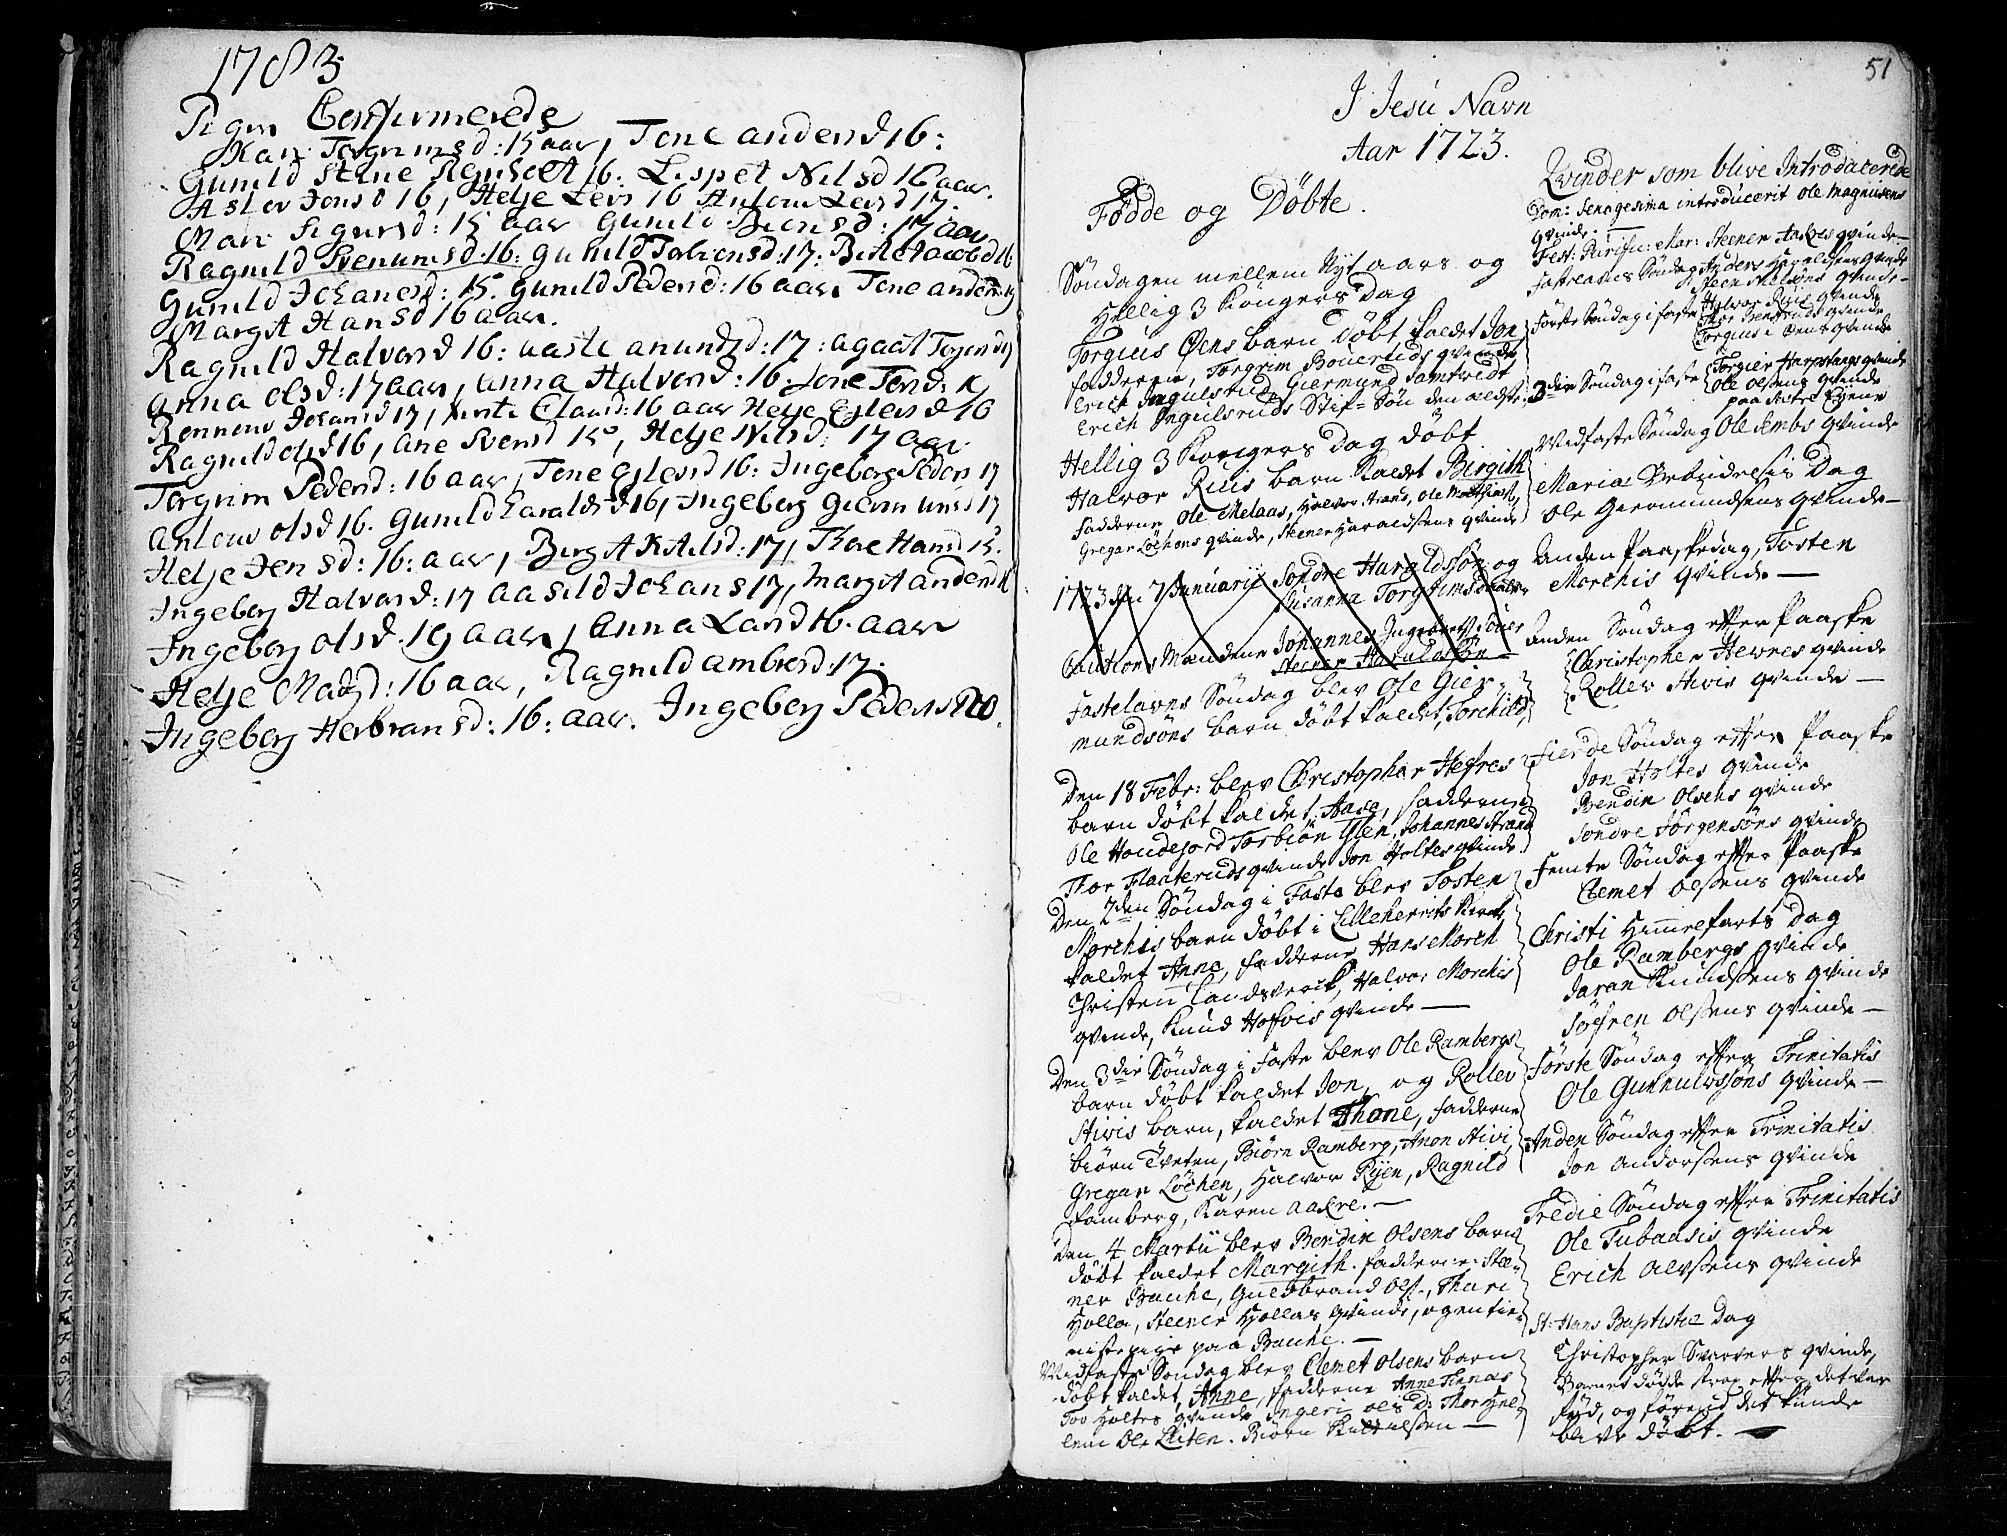 SAKO, Heddal kirkebøker, F/Fa/L0003: Ministerialbok nr. I 3, 1723-1783, s. 51